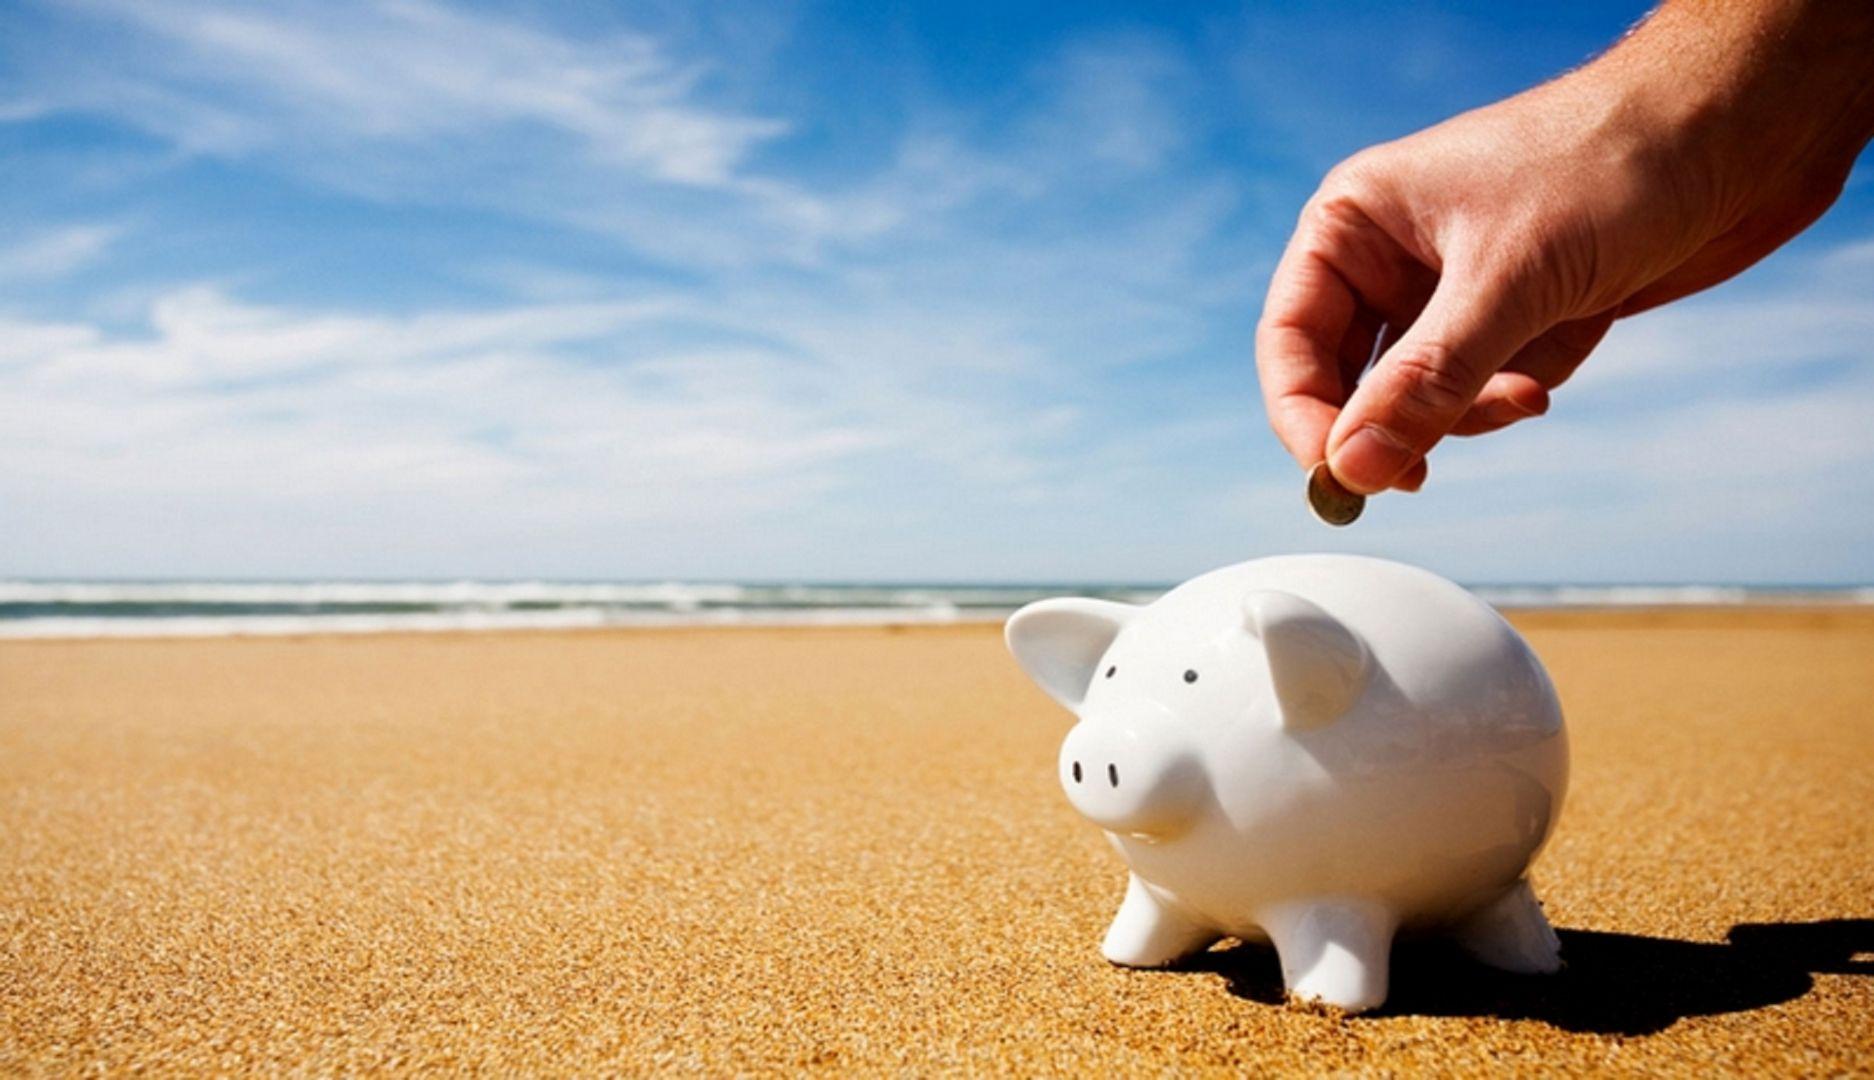 Централизация закупок обеспечила экономию бюджетных средств края в размере 450 миллионов рублей